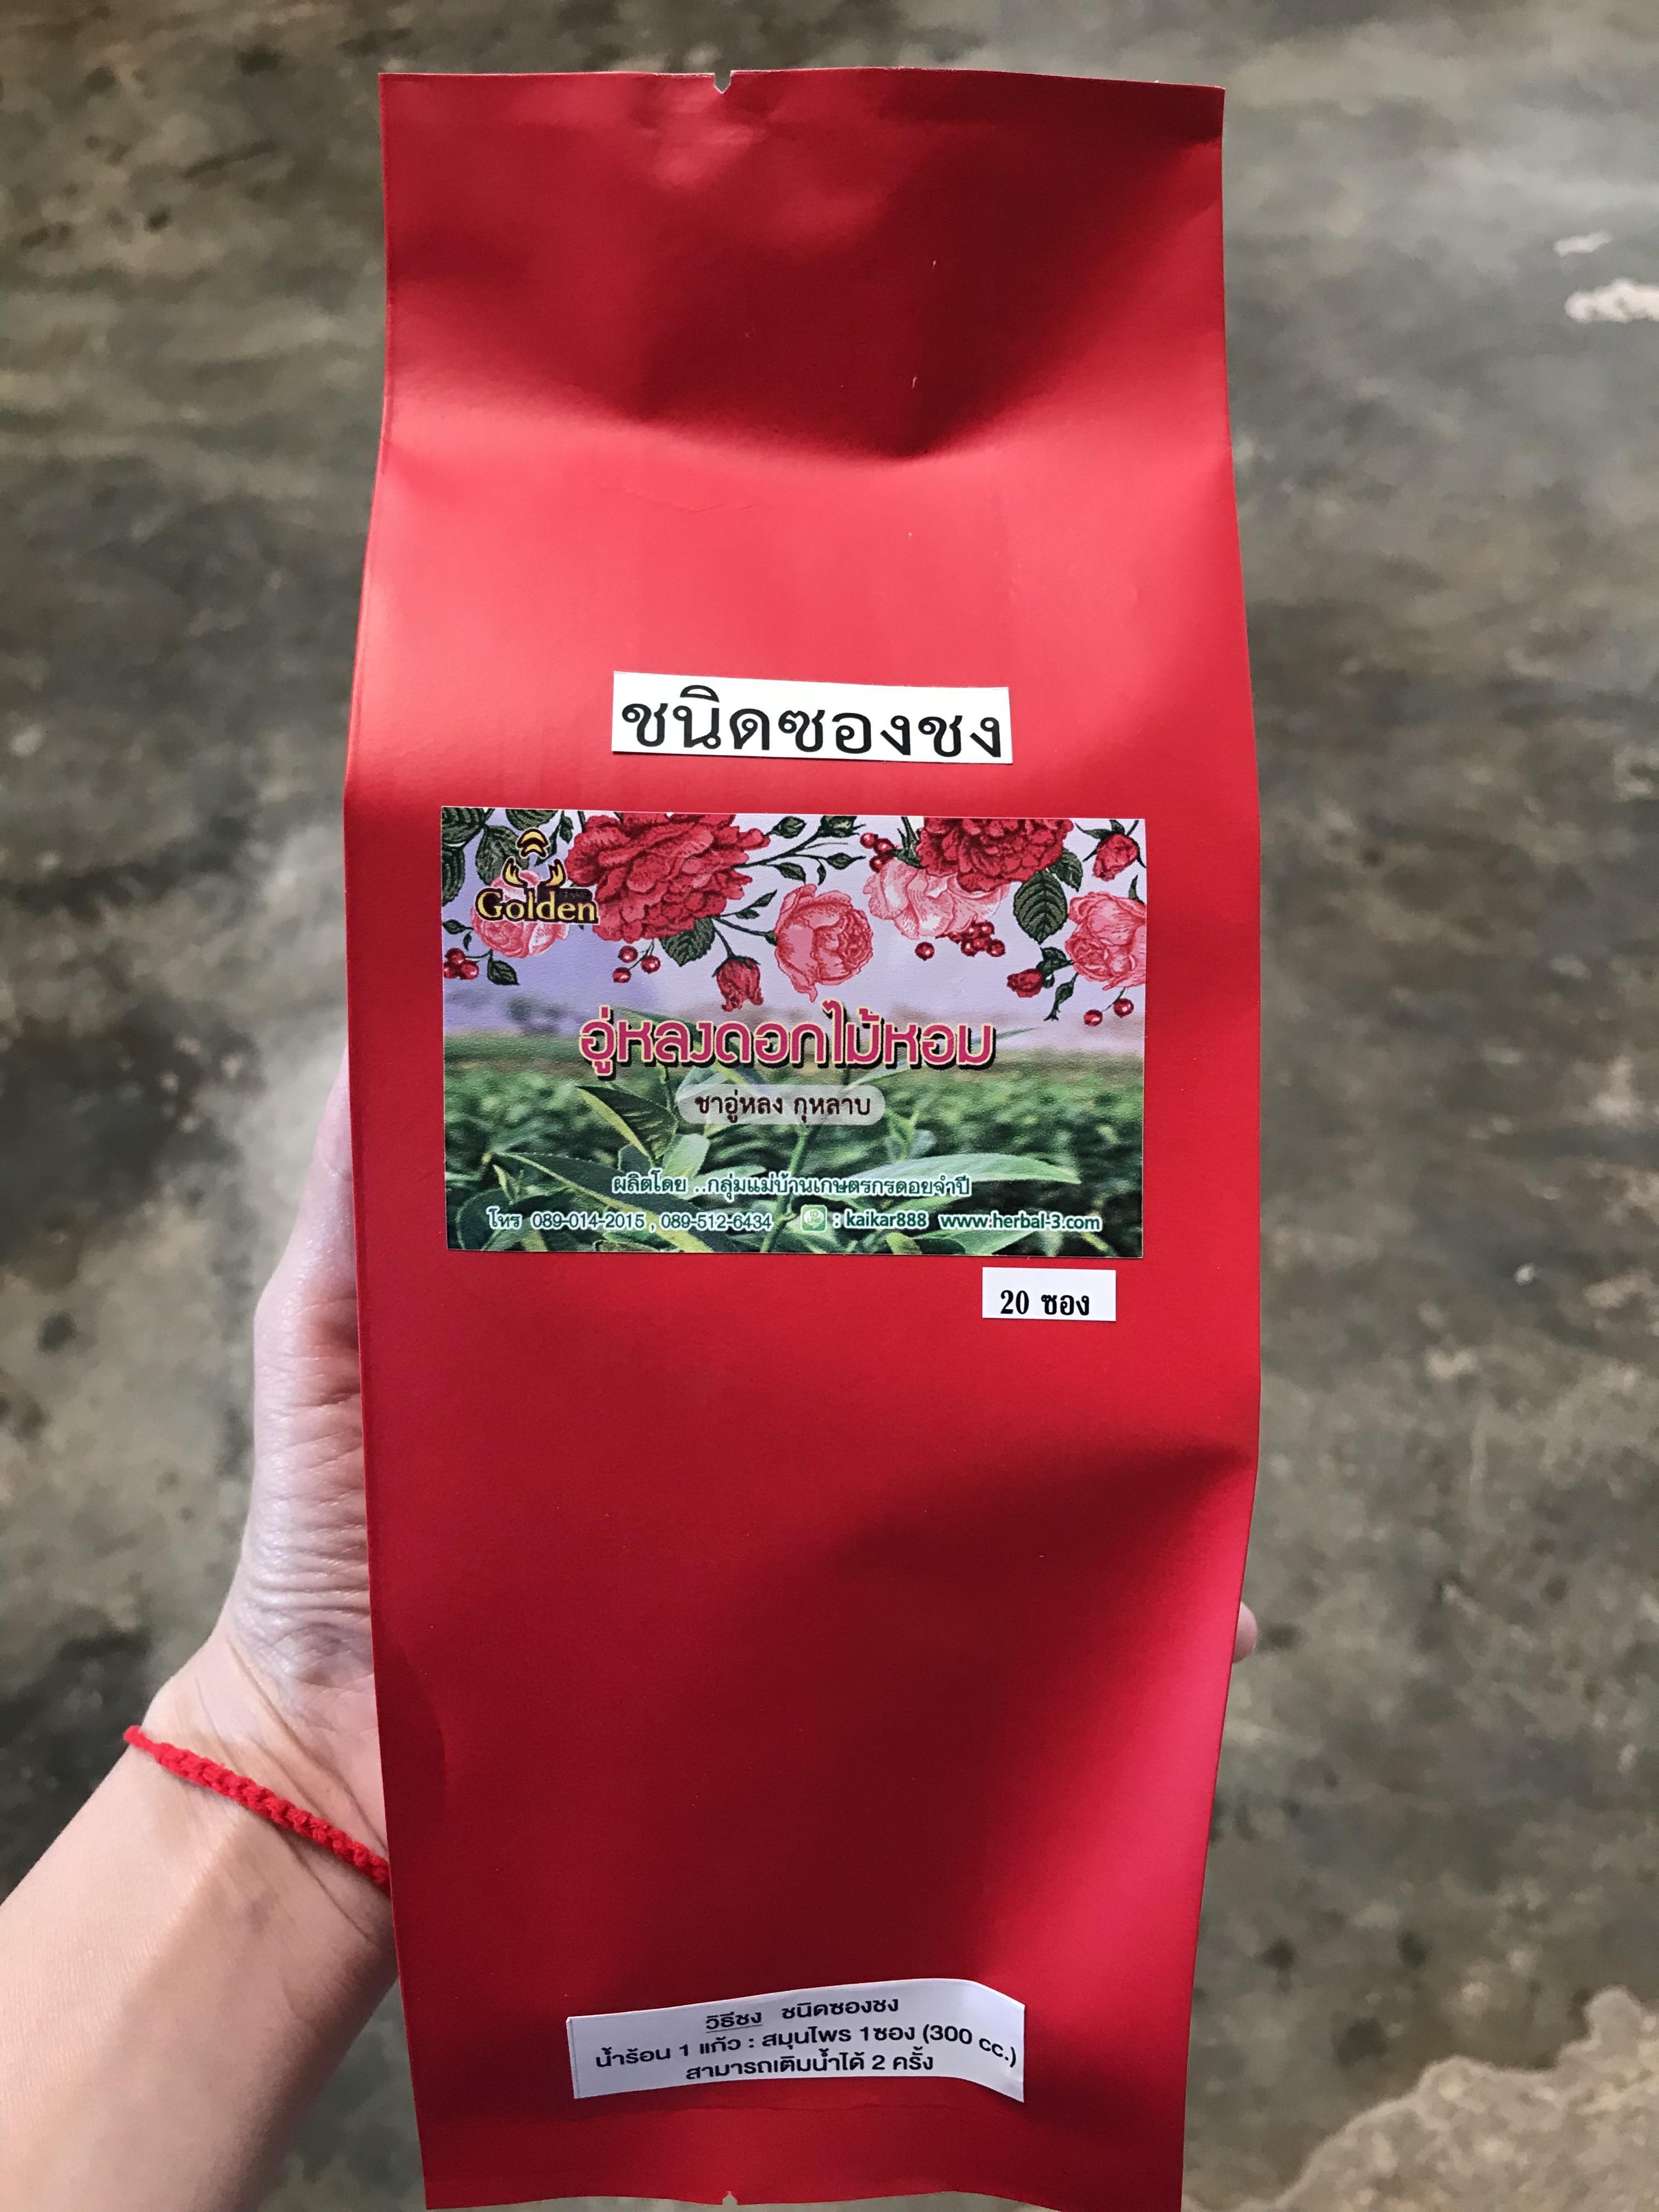 อู่หลงดอกไม้หอม หรือ อู่หลงอบกุหลาบ (ชนิดซงชง)